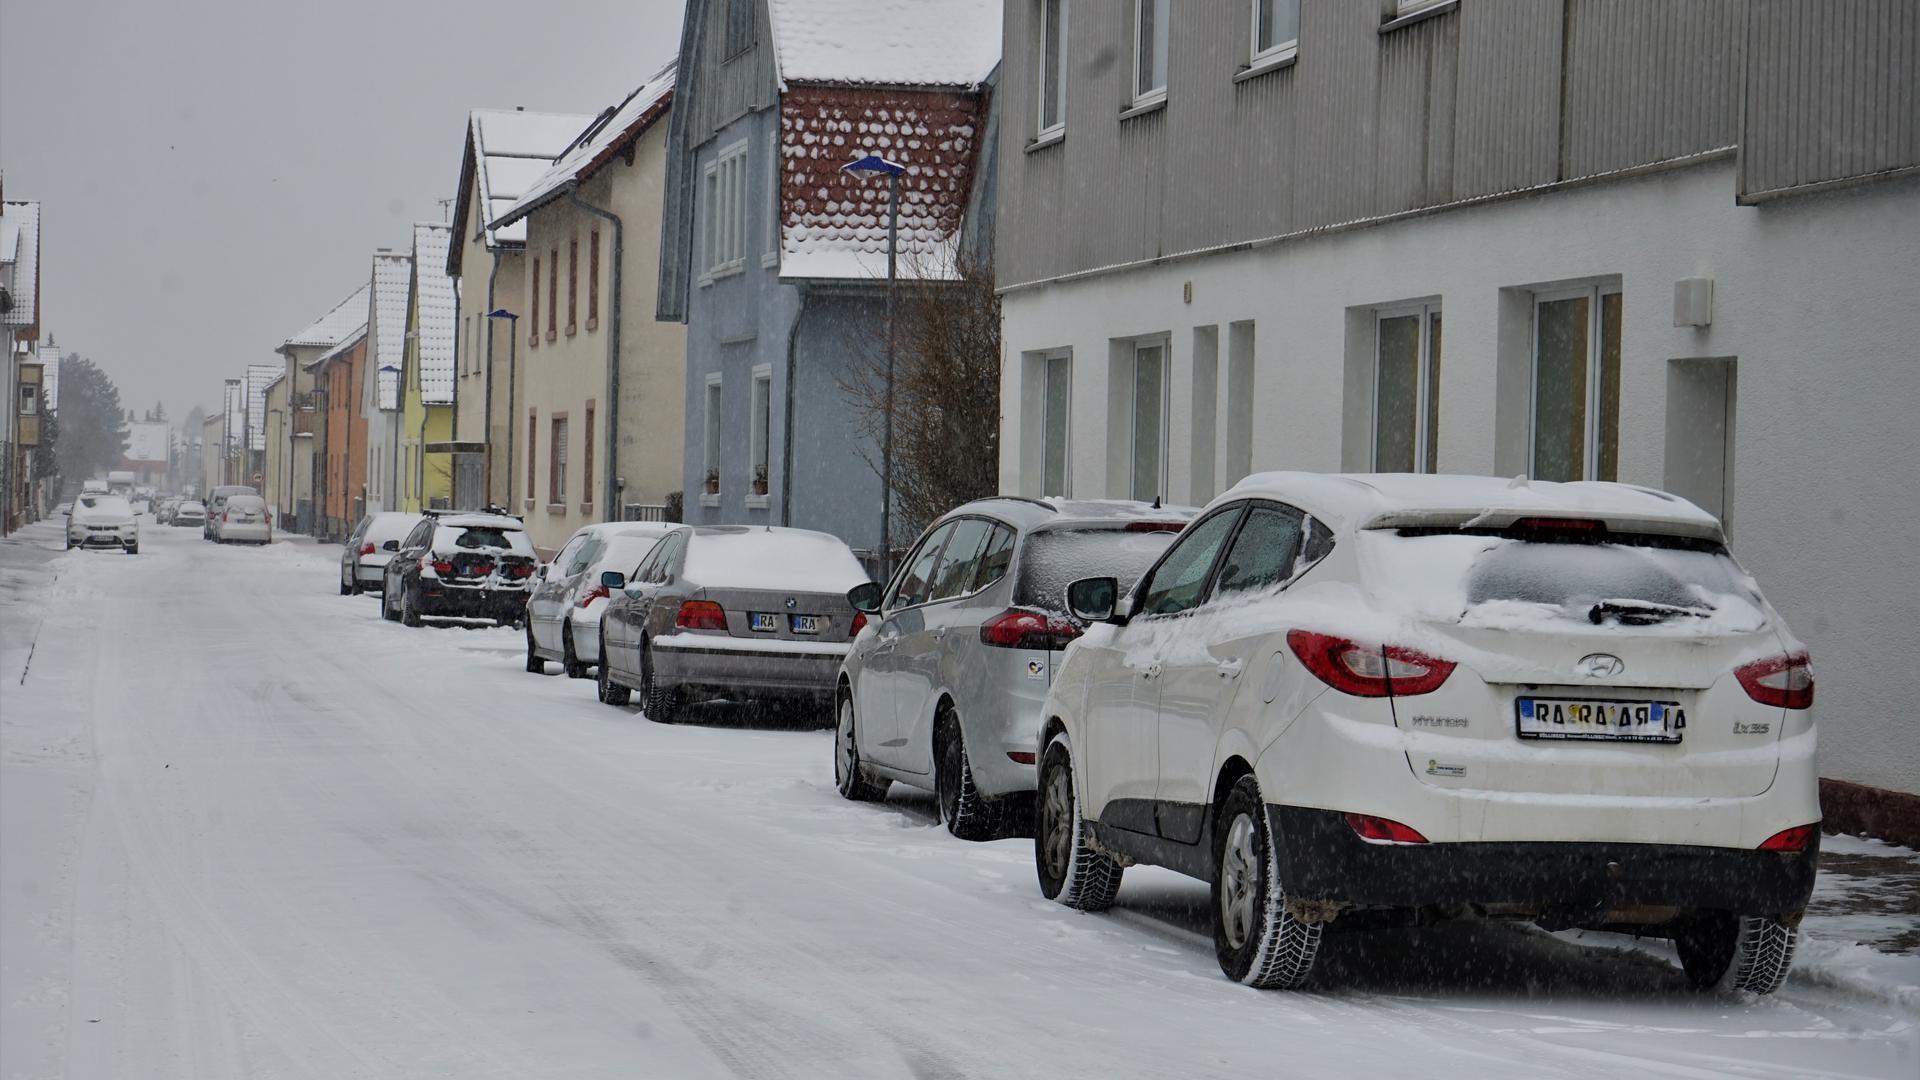 Veränderungen geplant: Entlang der Werderstraße  sollen einseitige Halteverbote und markierte Parkplätze die Verkehrssicherheit erhöhen.